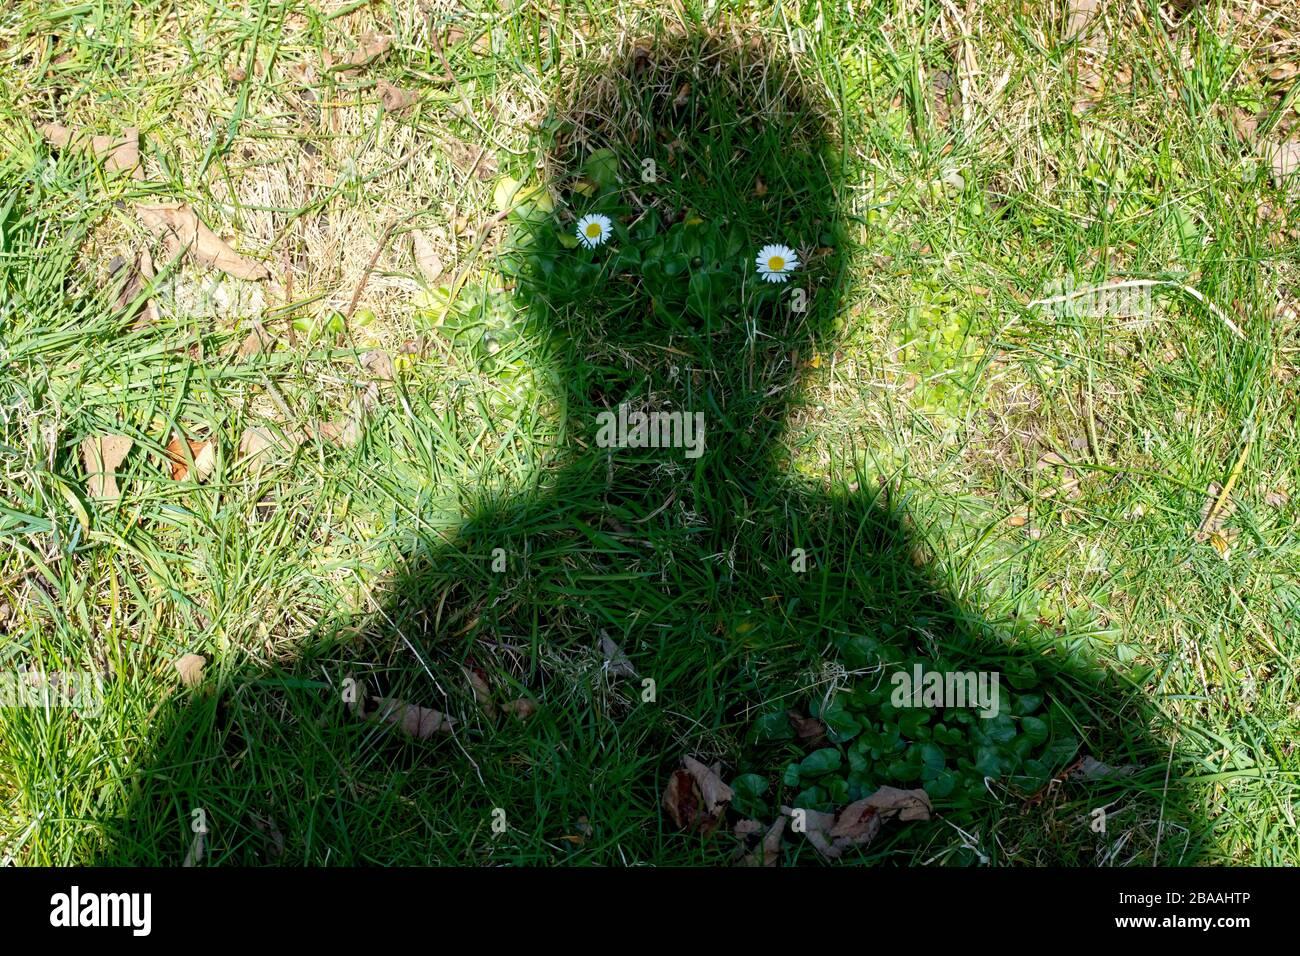 Ein Schattenmann, das Ergebnis einer seltsamen Gegenüberstellung von Objekten und Timing. Er wirkt bedrohlich und einschüchternd oder traurig und furlorn, je nach Stimmung. Stockfoto